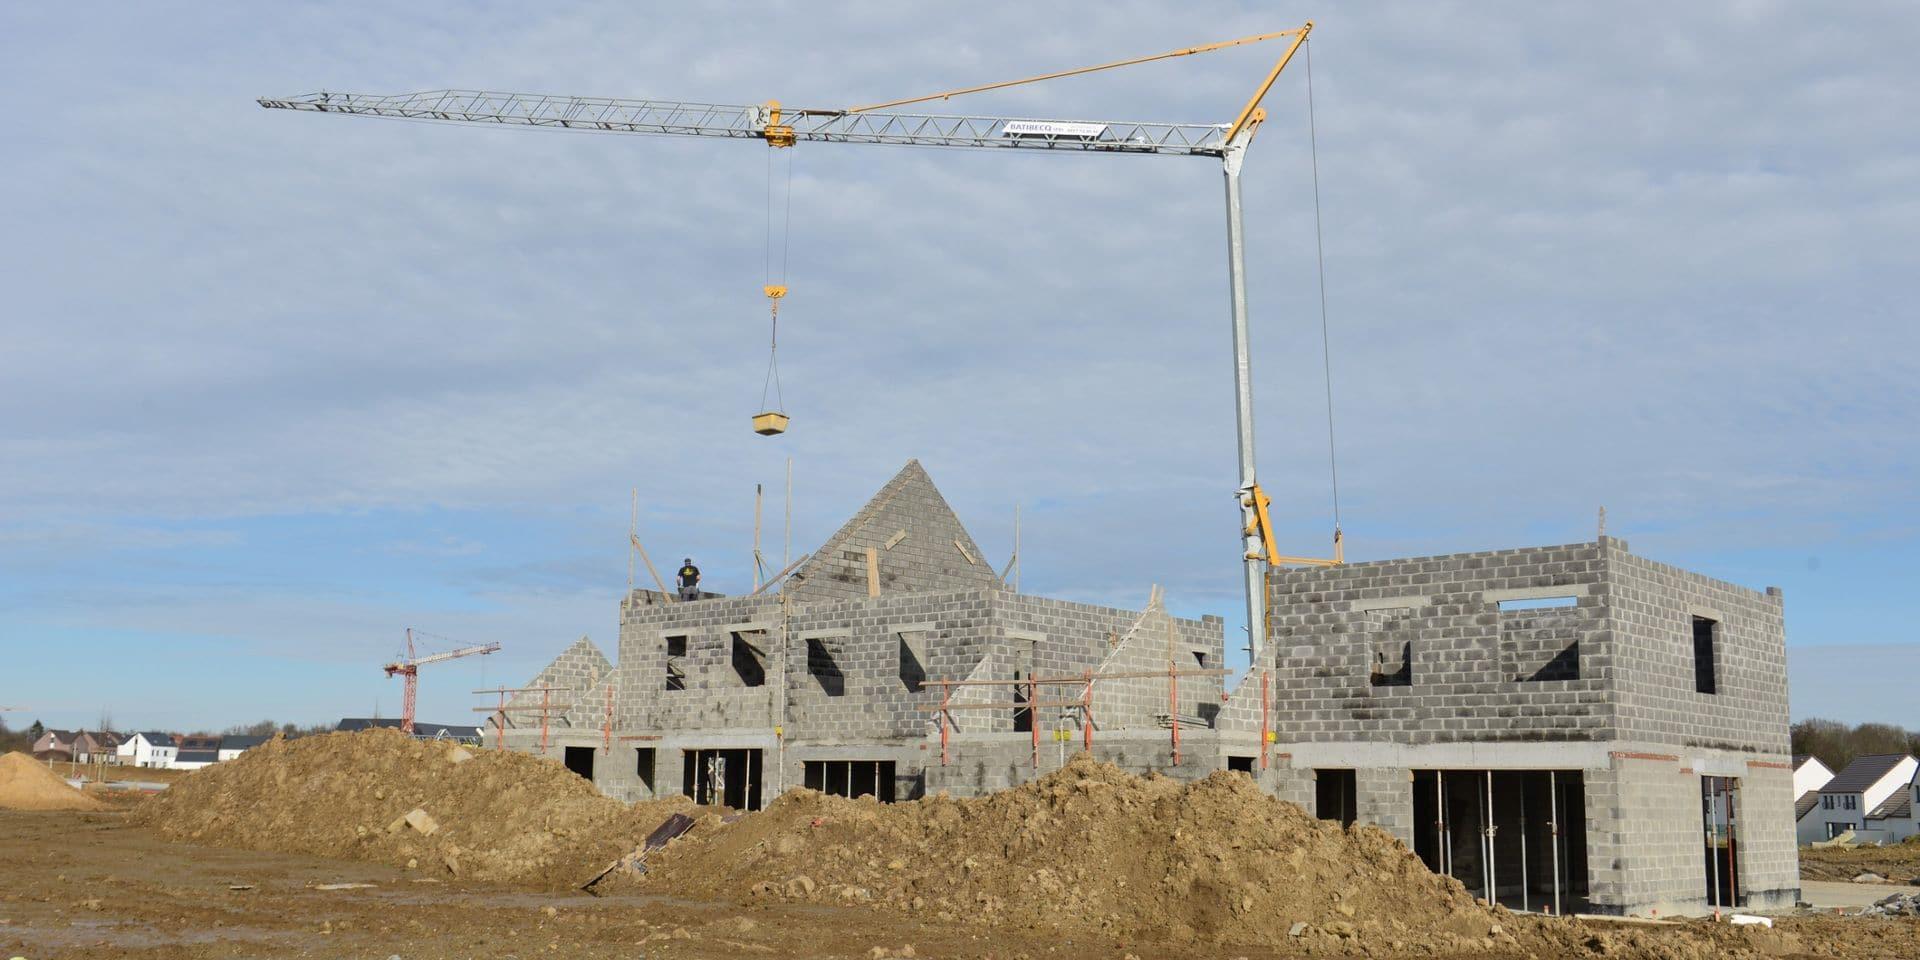 Des problèmes d'approvisionnement pour 97% des entreprises de construction